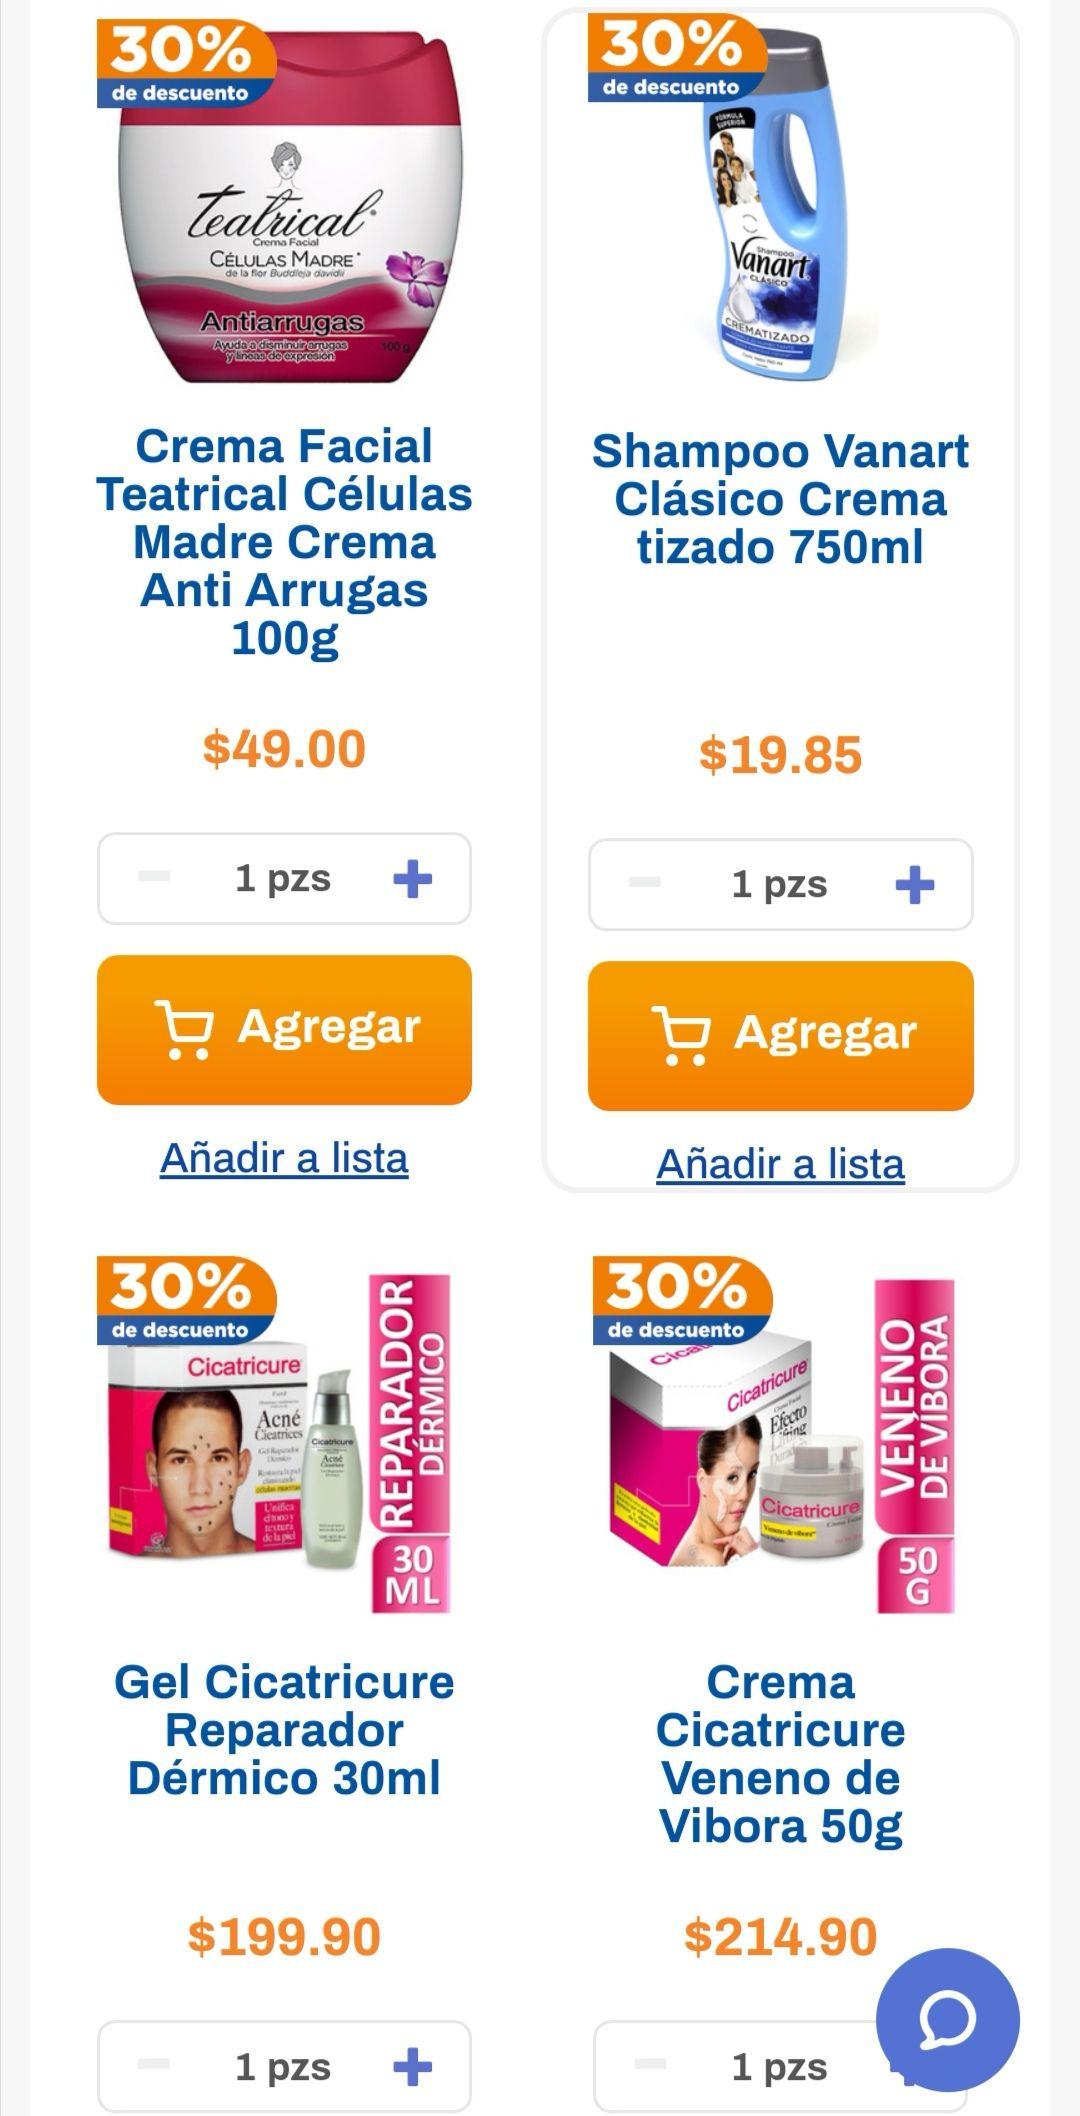 Chedraui: 30% de descuento en shampoo Vanart, Alert, Medicasp, Tío Nacho, tratamientos capilares Fermodyl y cremas Teatrical